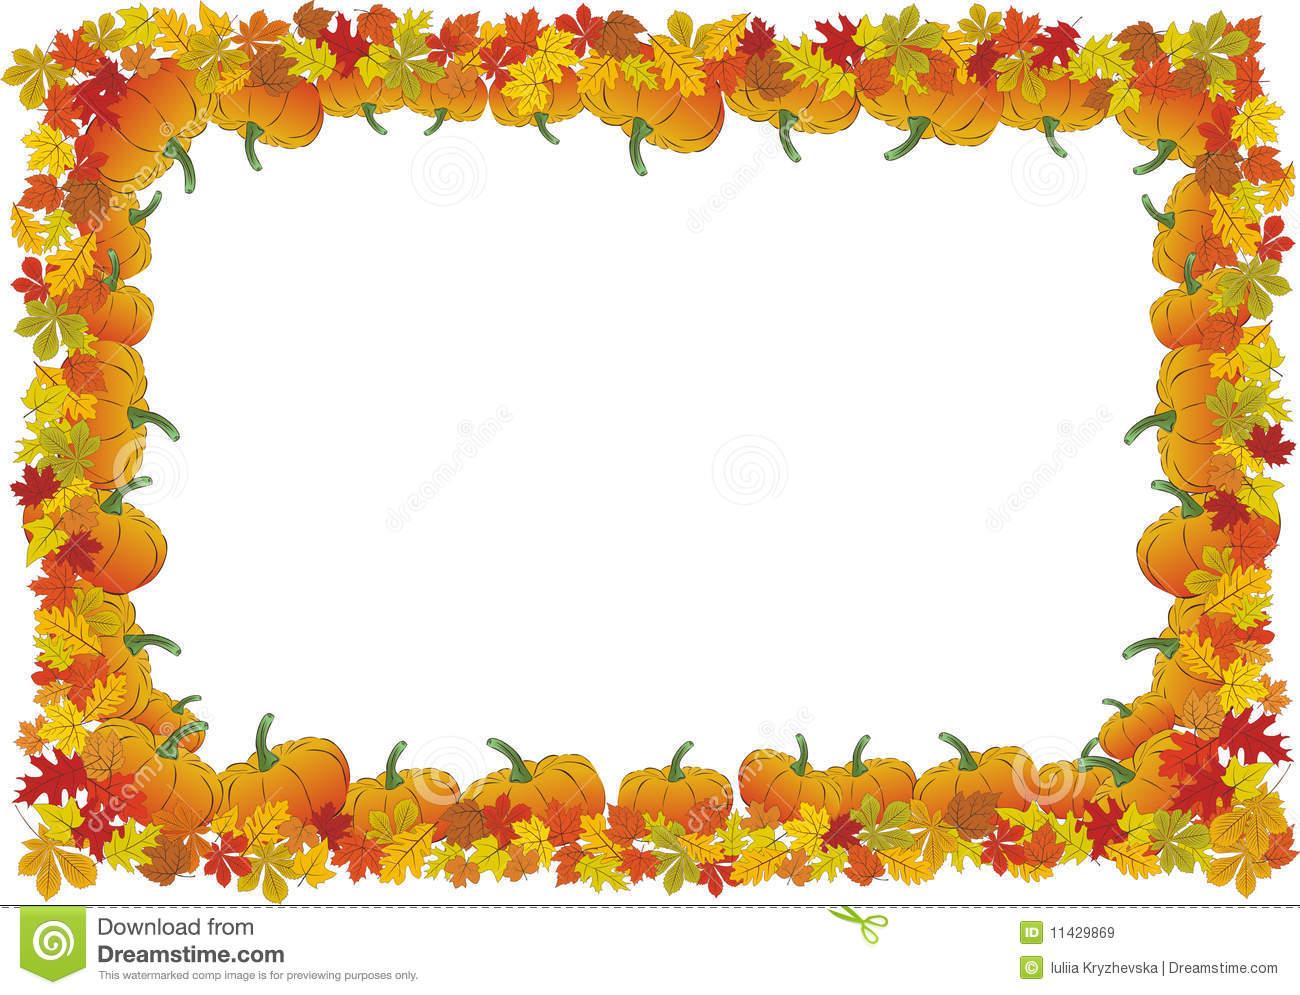 07368c634f5f27fd8cac6b2caf3493 ... 07368c634f5f27fd8cac6b2caf3493 ... Thanksgiving Frame Clipart